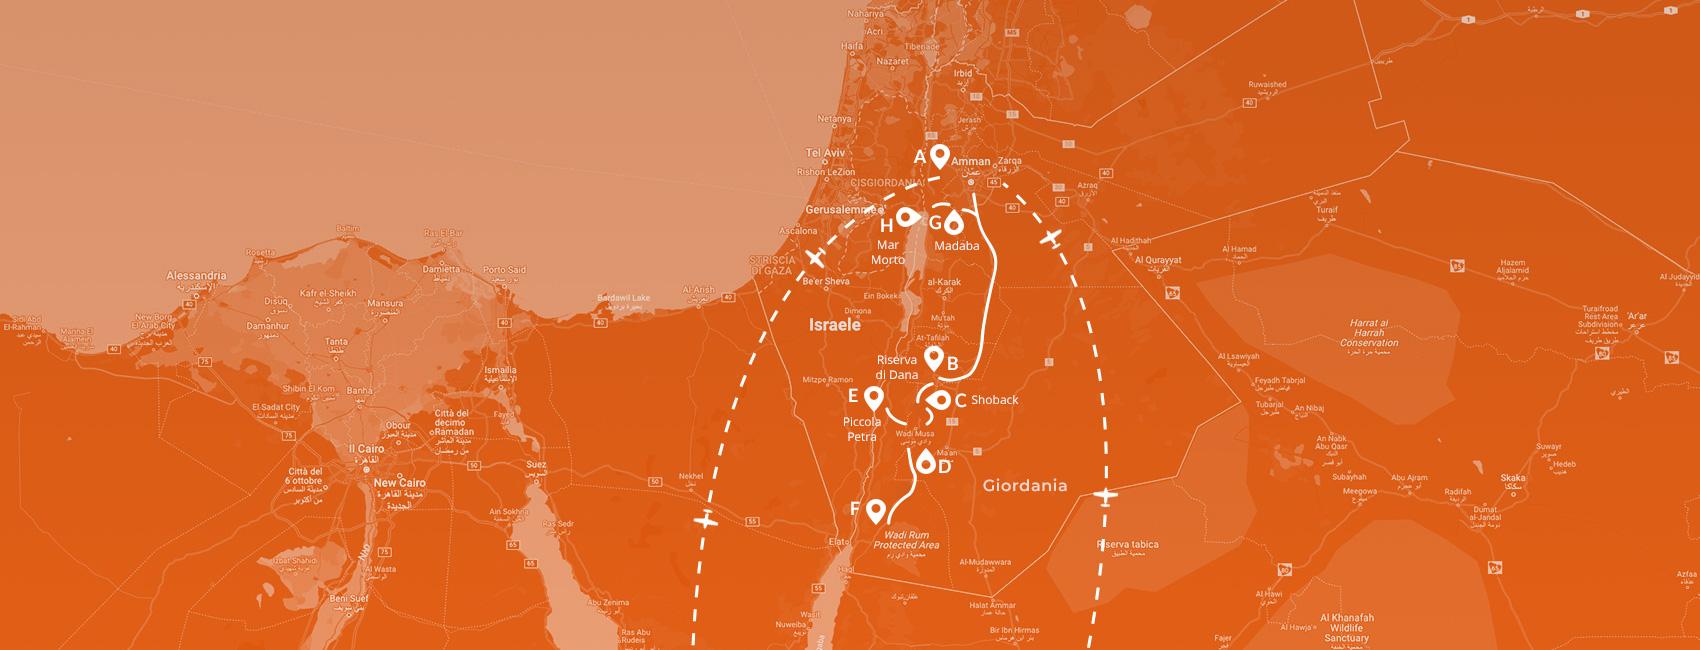 Maps - Giordania capodanno 2022